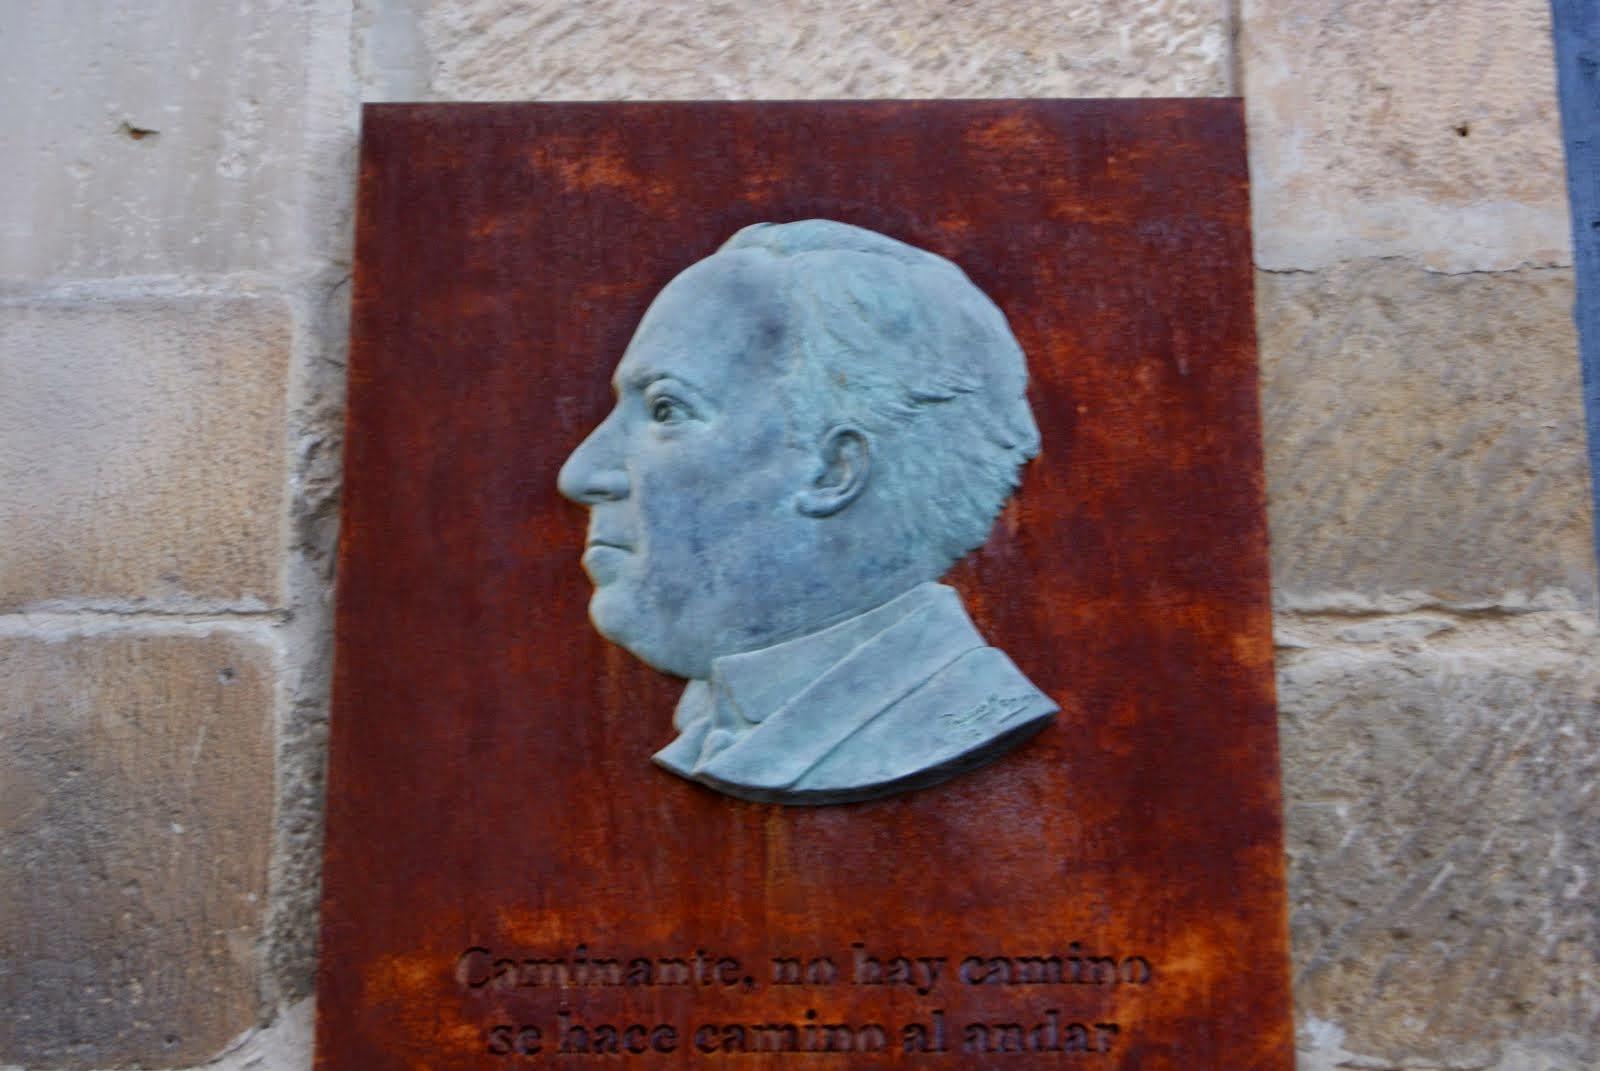 Baeza. Antonio Machado